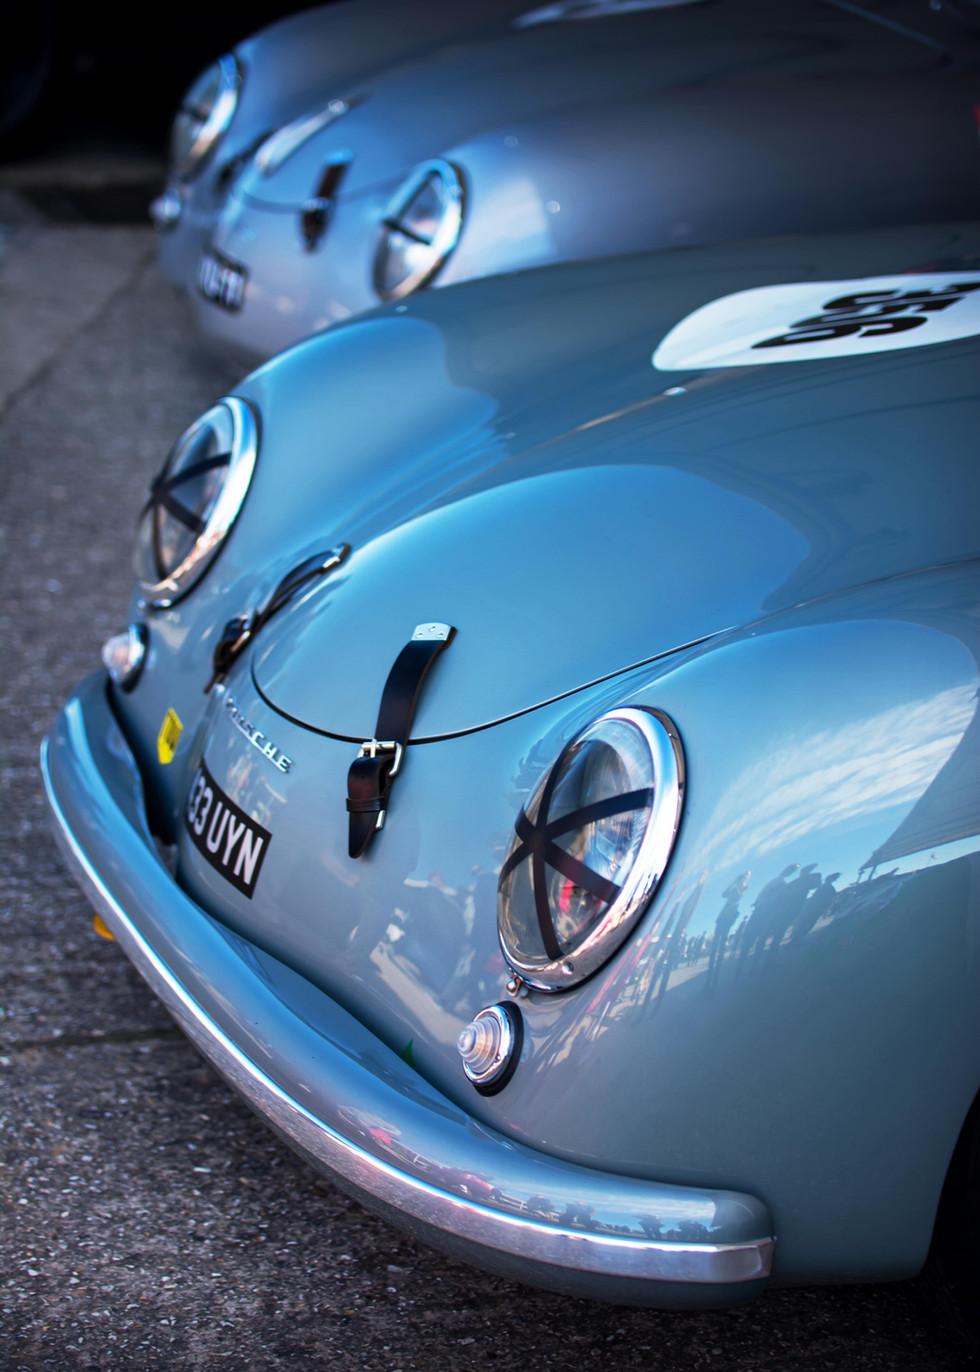 Simon Bowrey & Robert Barrie's 1953 Porsche 356